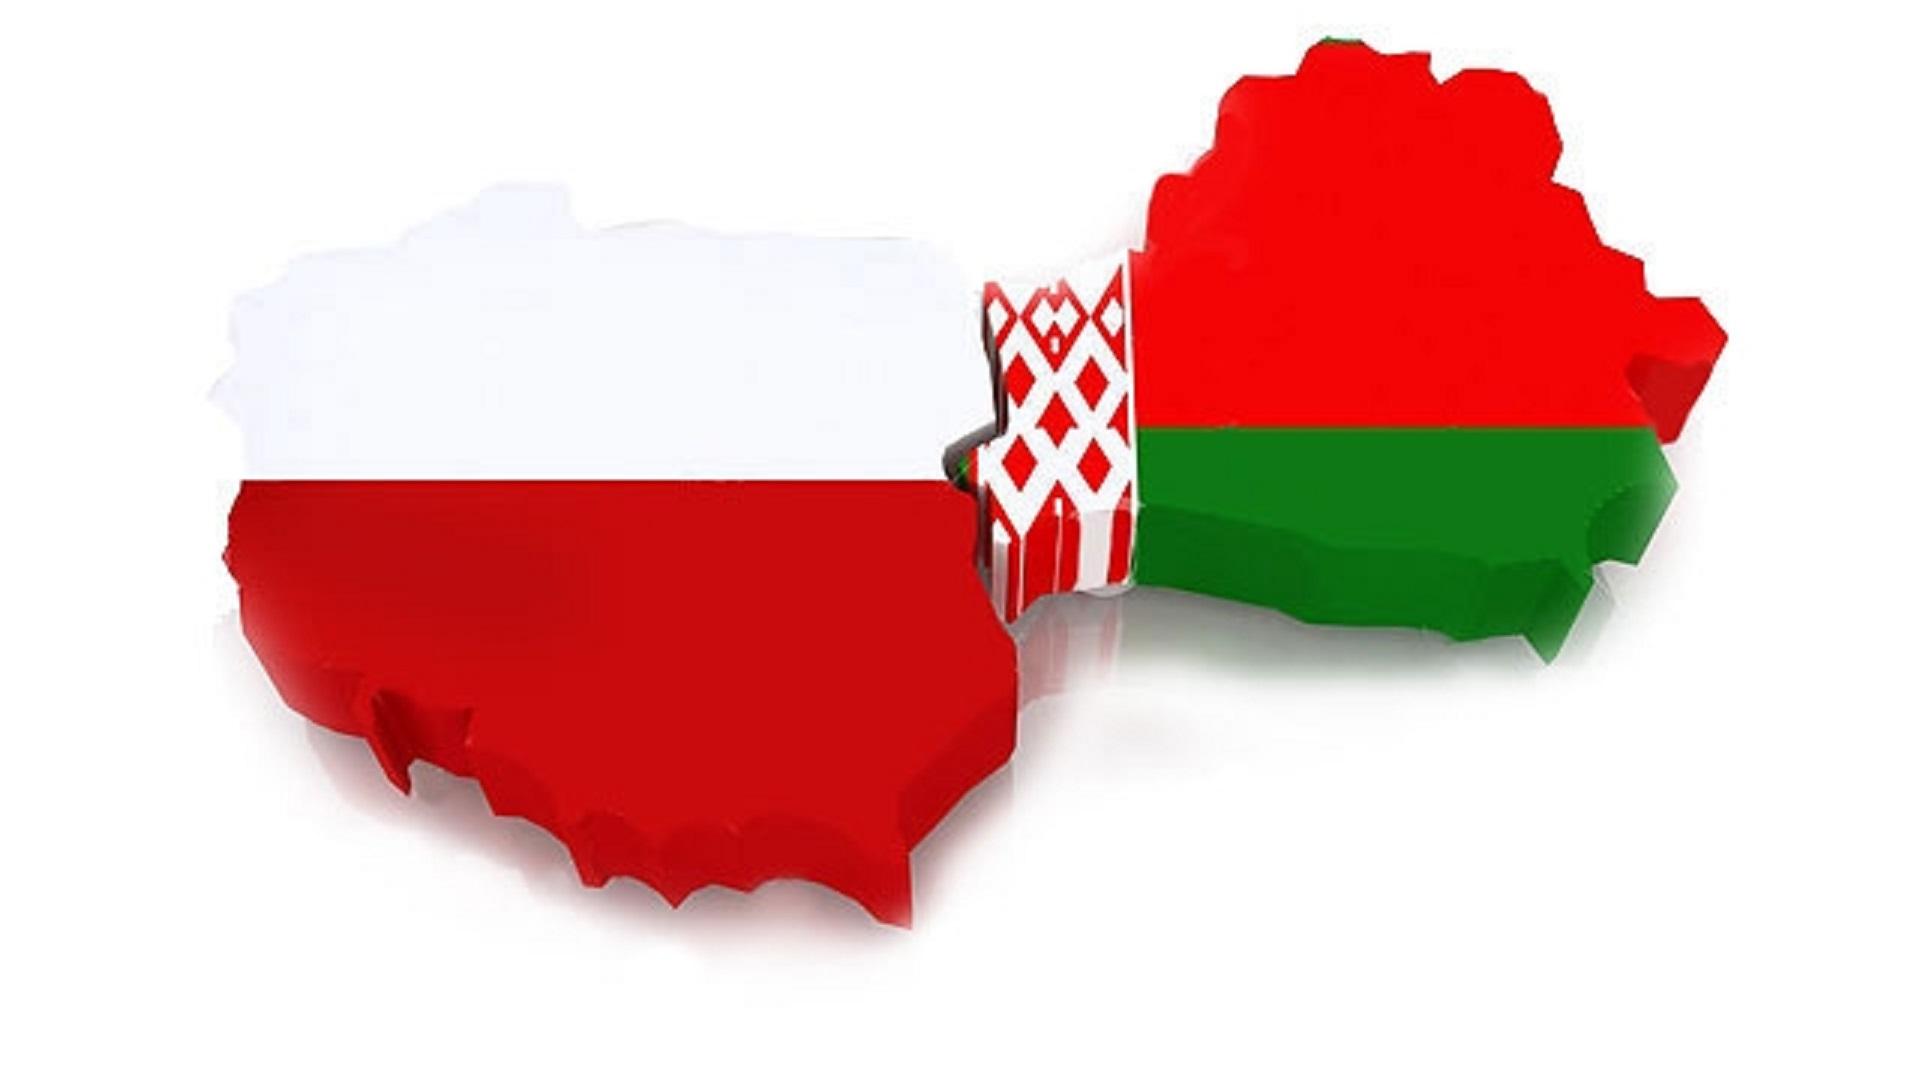 """W niedzielę Białoruś zakazała wjazdu do kraju 170 osobom Łukaszenko twierdzi, że """"większość z nich pochodziła z Ukrainy i Polski"""" » Kresy"""